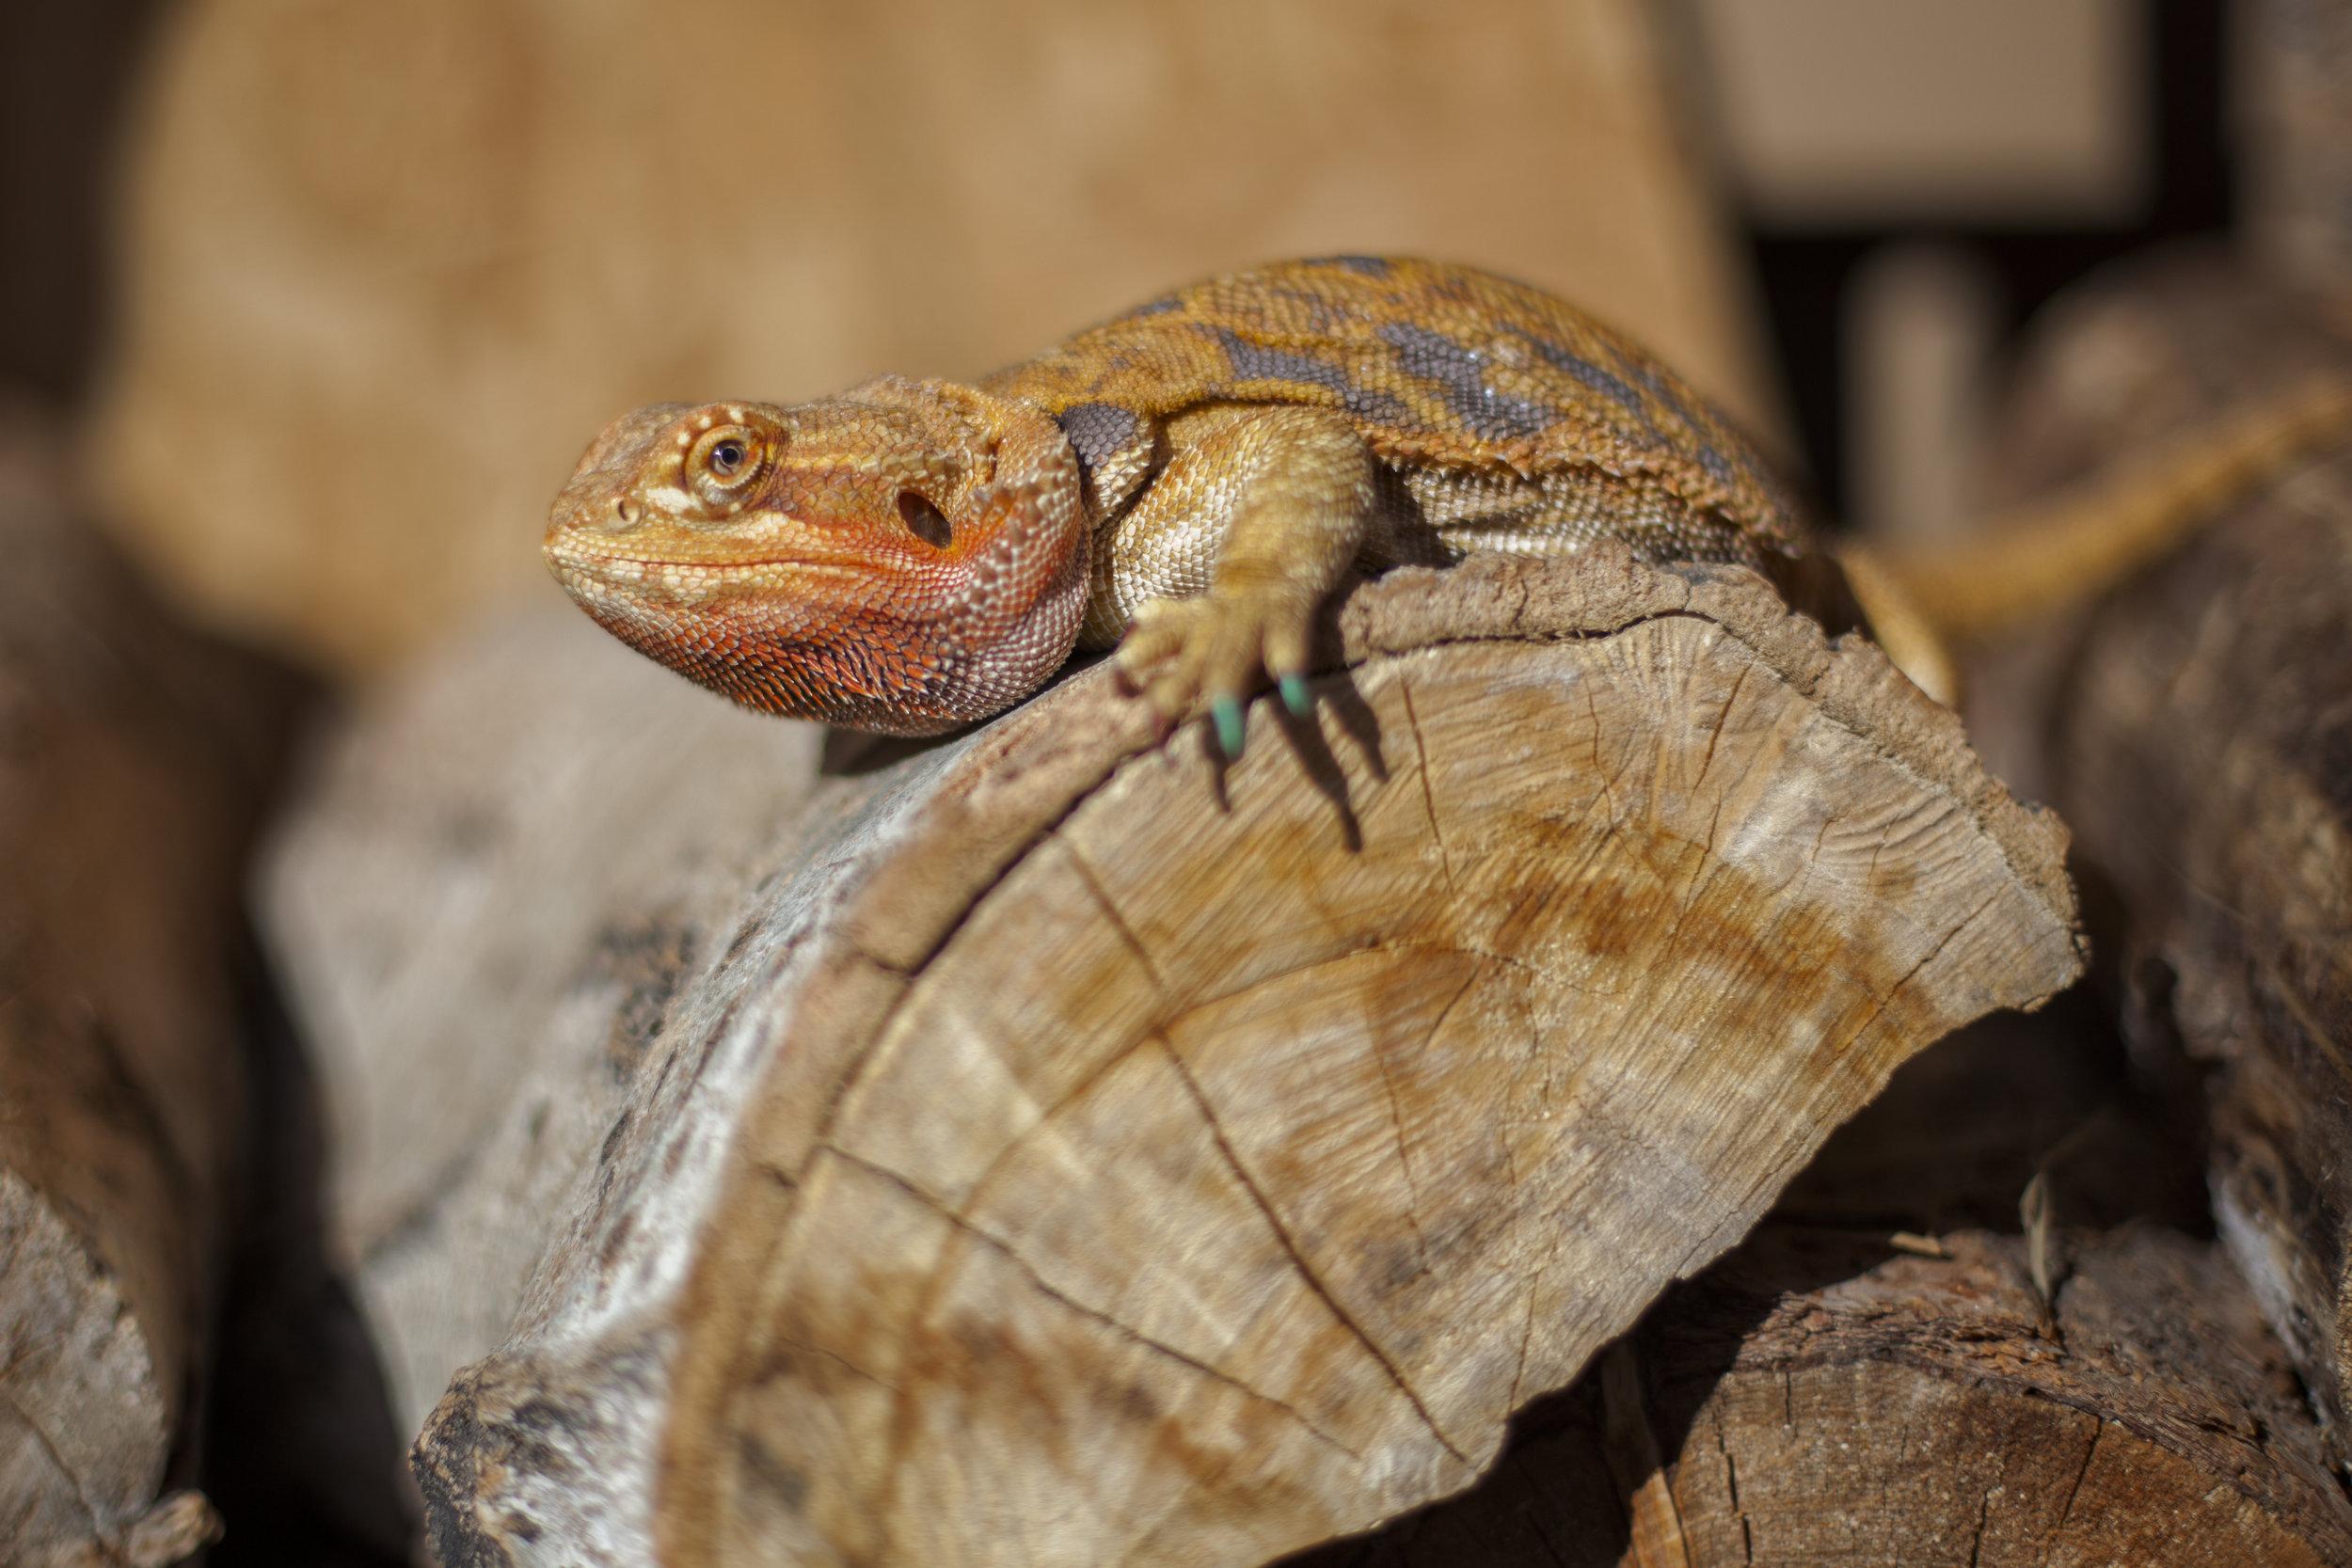 43-100 Lizard-1.jpg